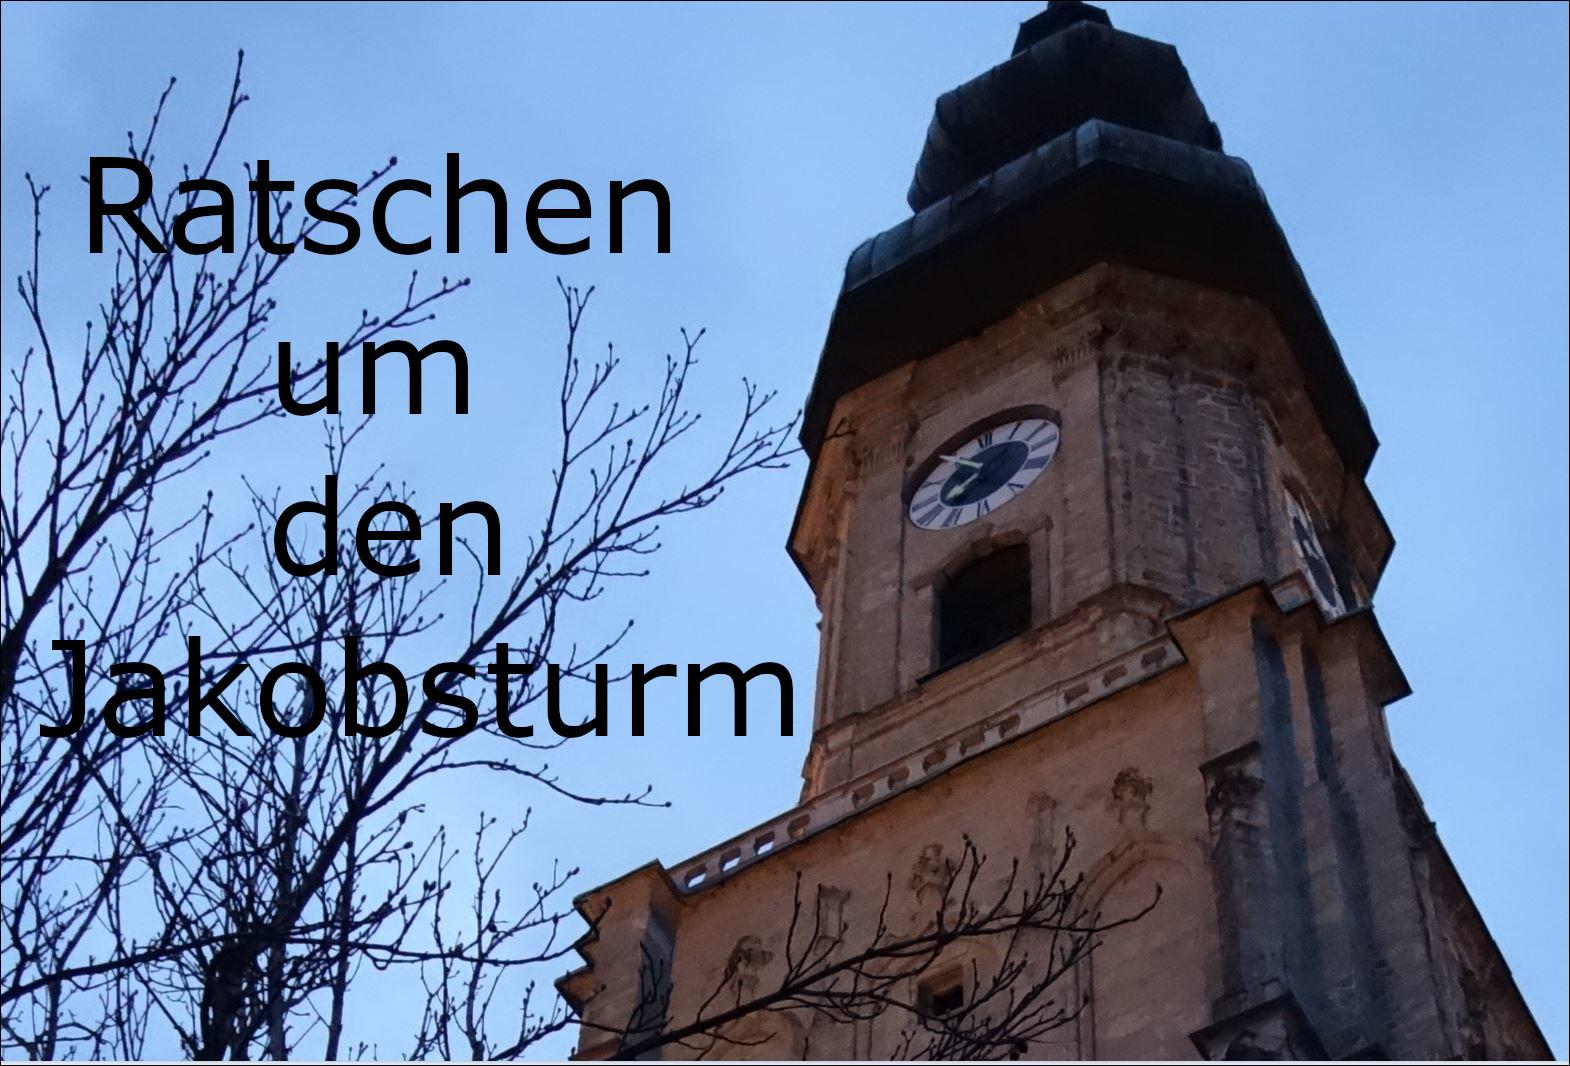 STJ 21 04 02 Ratschen